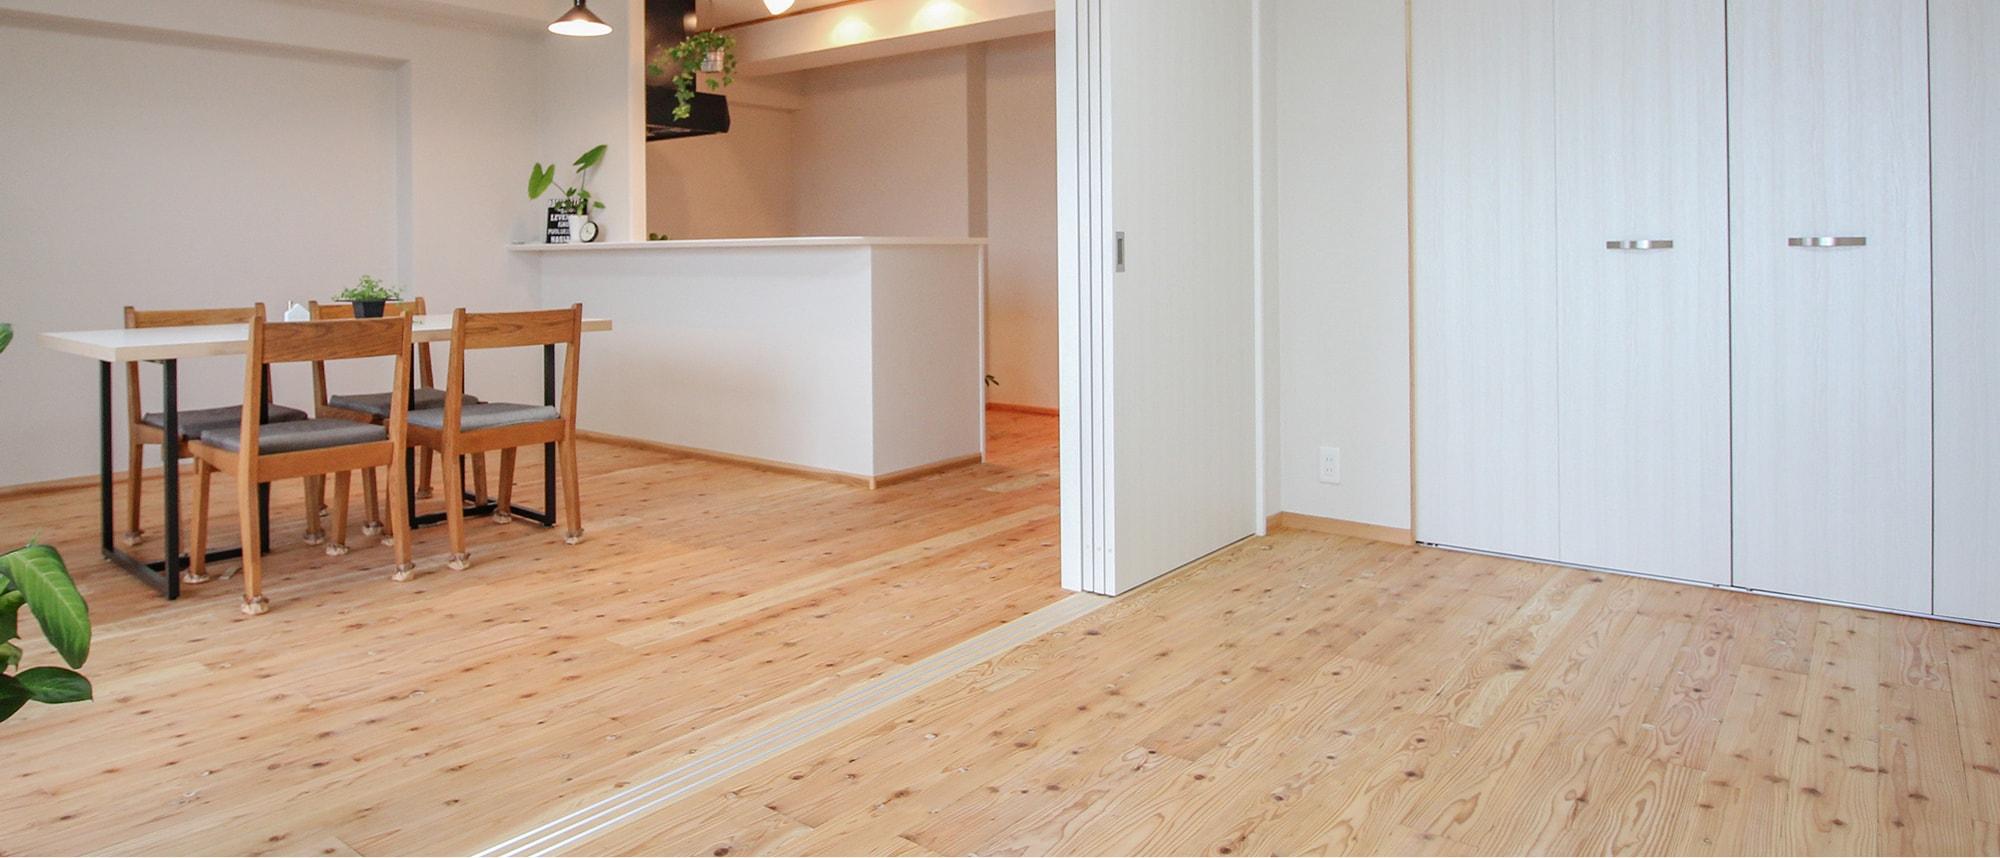 木箱 Matsuzaki|隣の部屋から見たリビングの写真